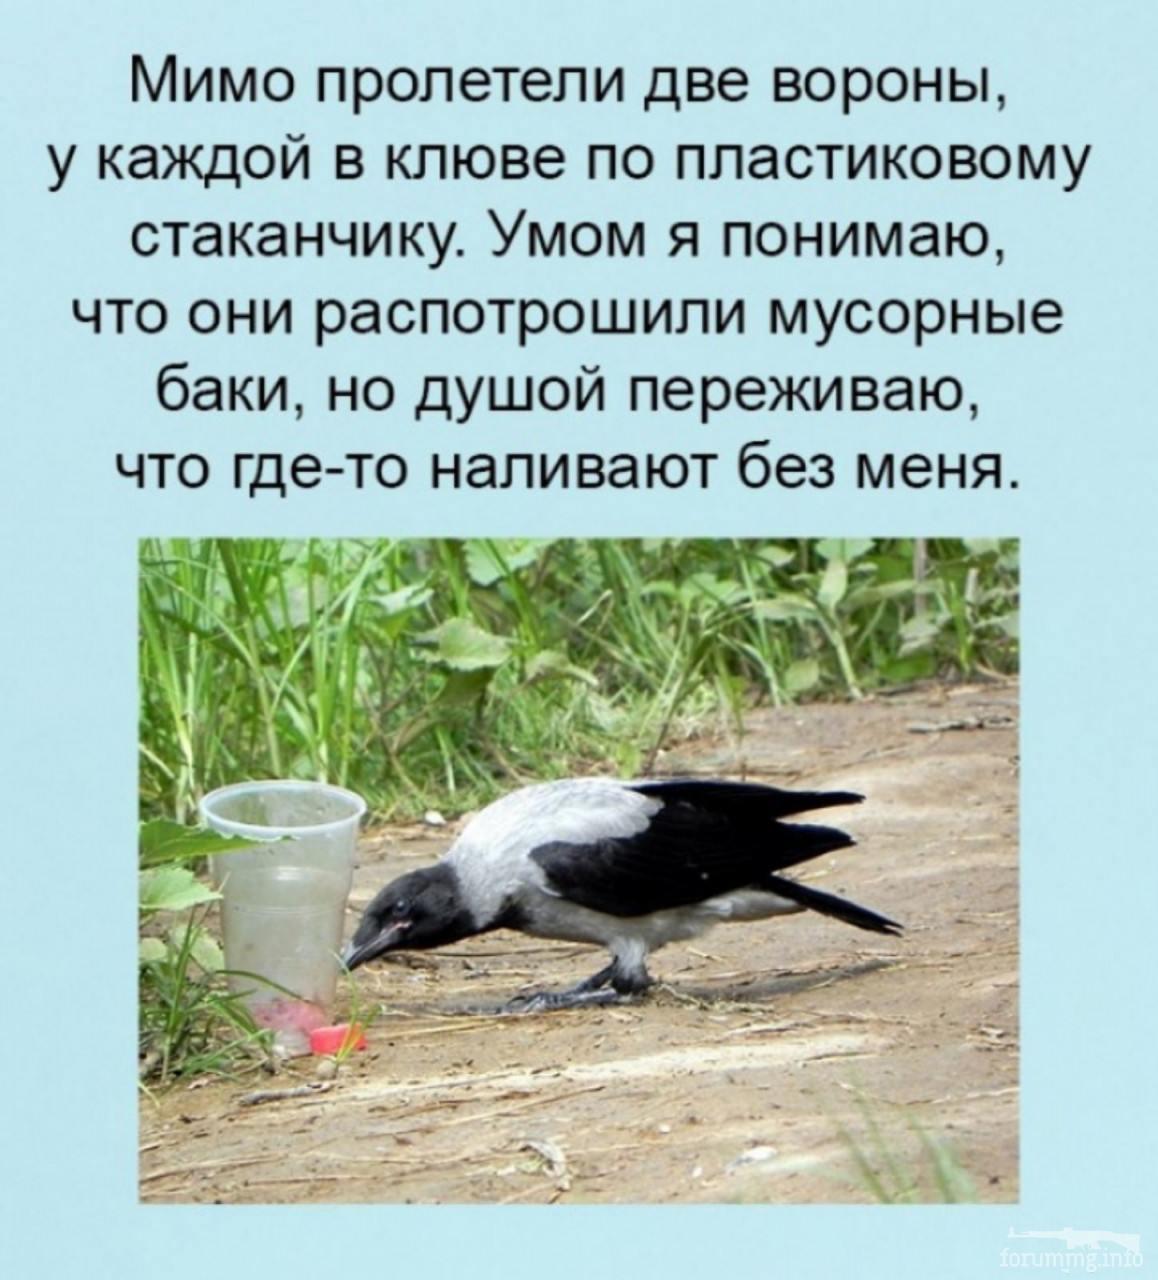 122096 - Пить или не пить? - пятничная алкогольная тема )))